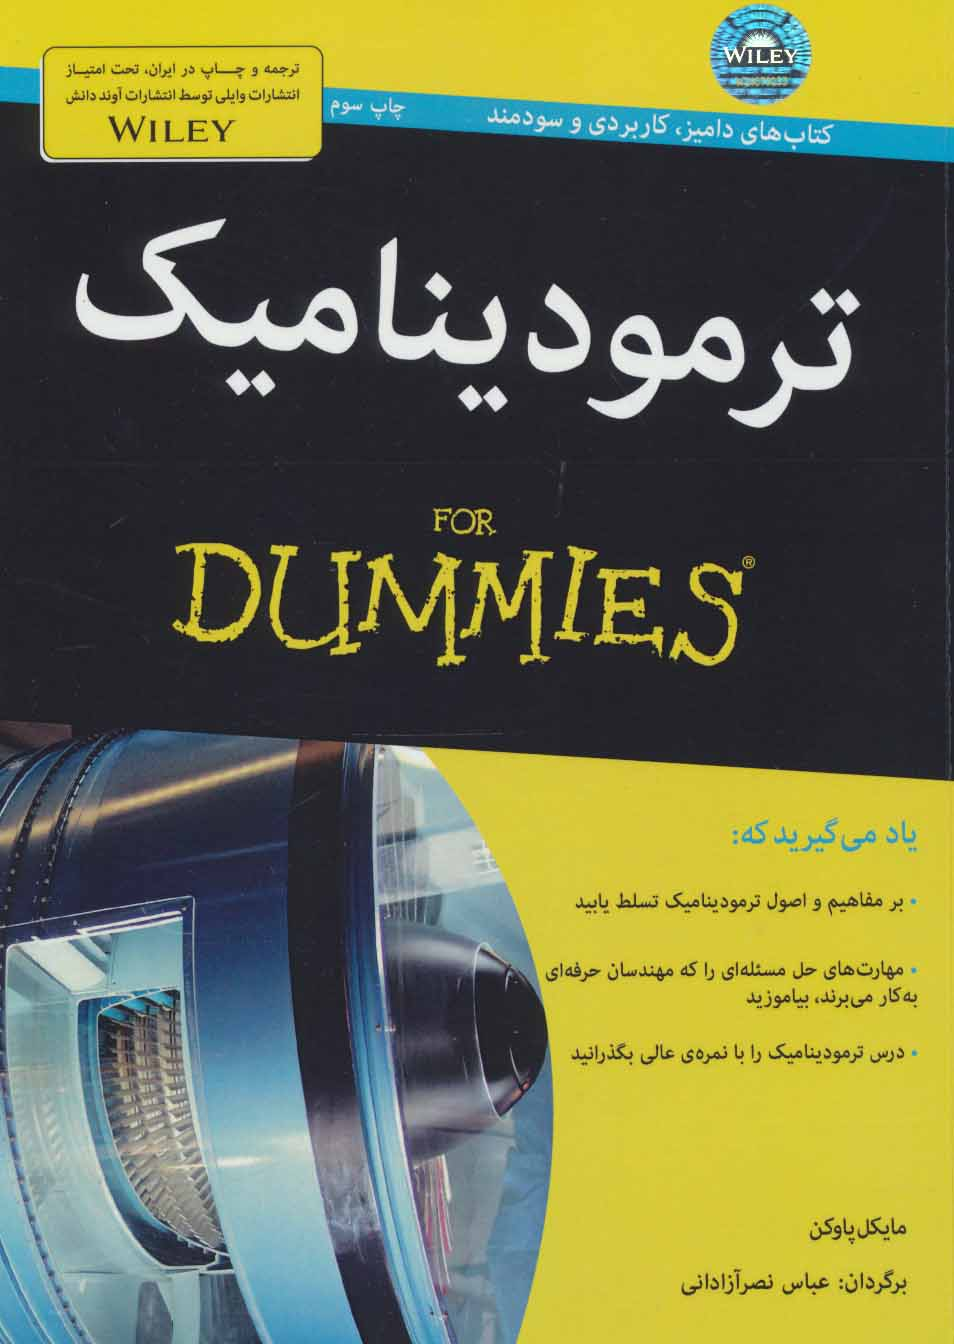 کتاب های دامیز (ترمودینامیک)